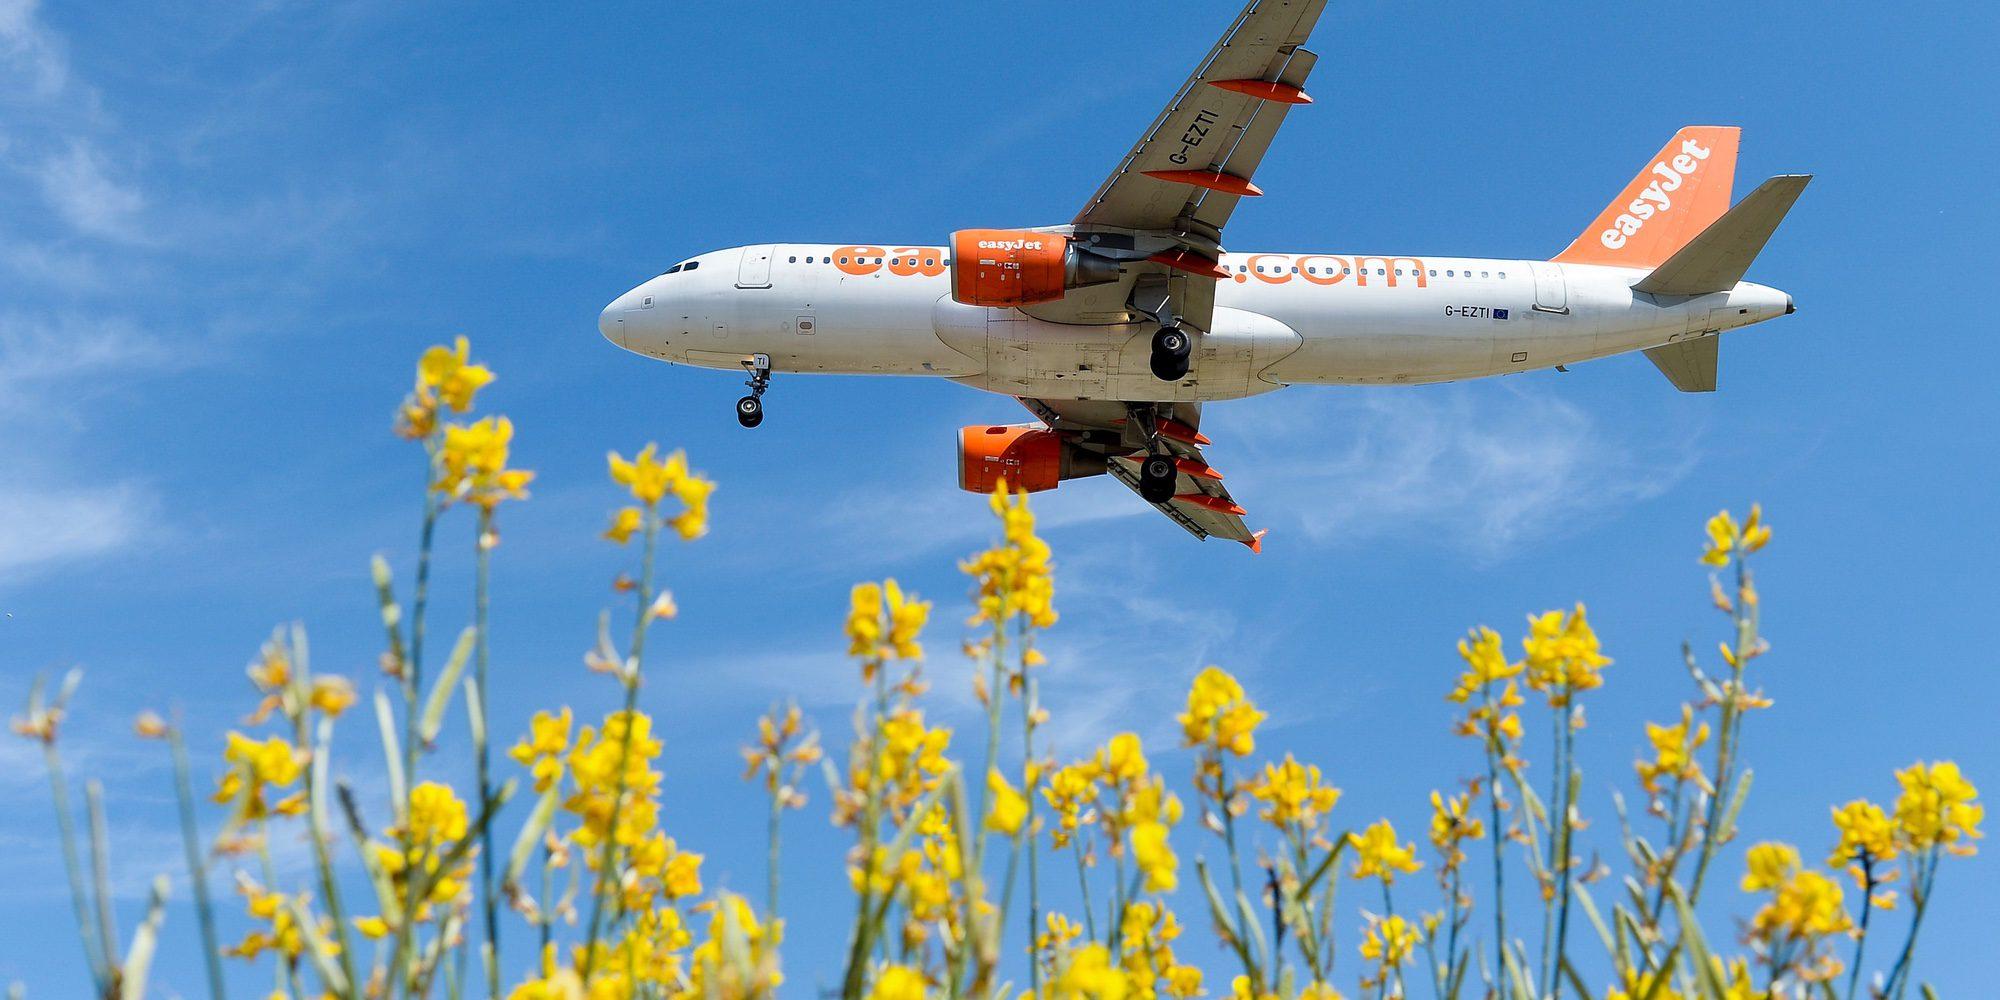 Un vuelo de Easyjet se retrasa por la discusión de dos miembros de la tripulación por el agua mineral